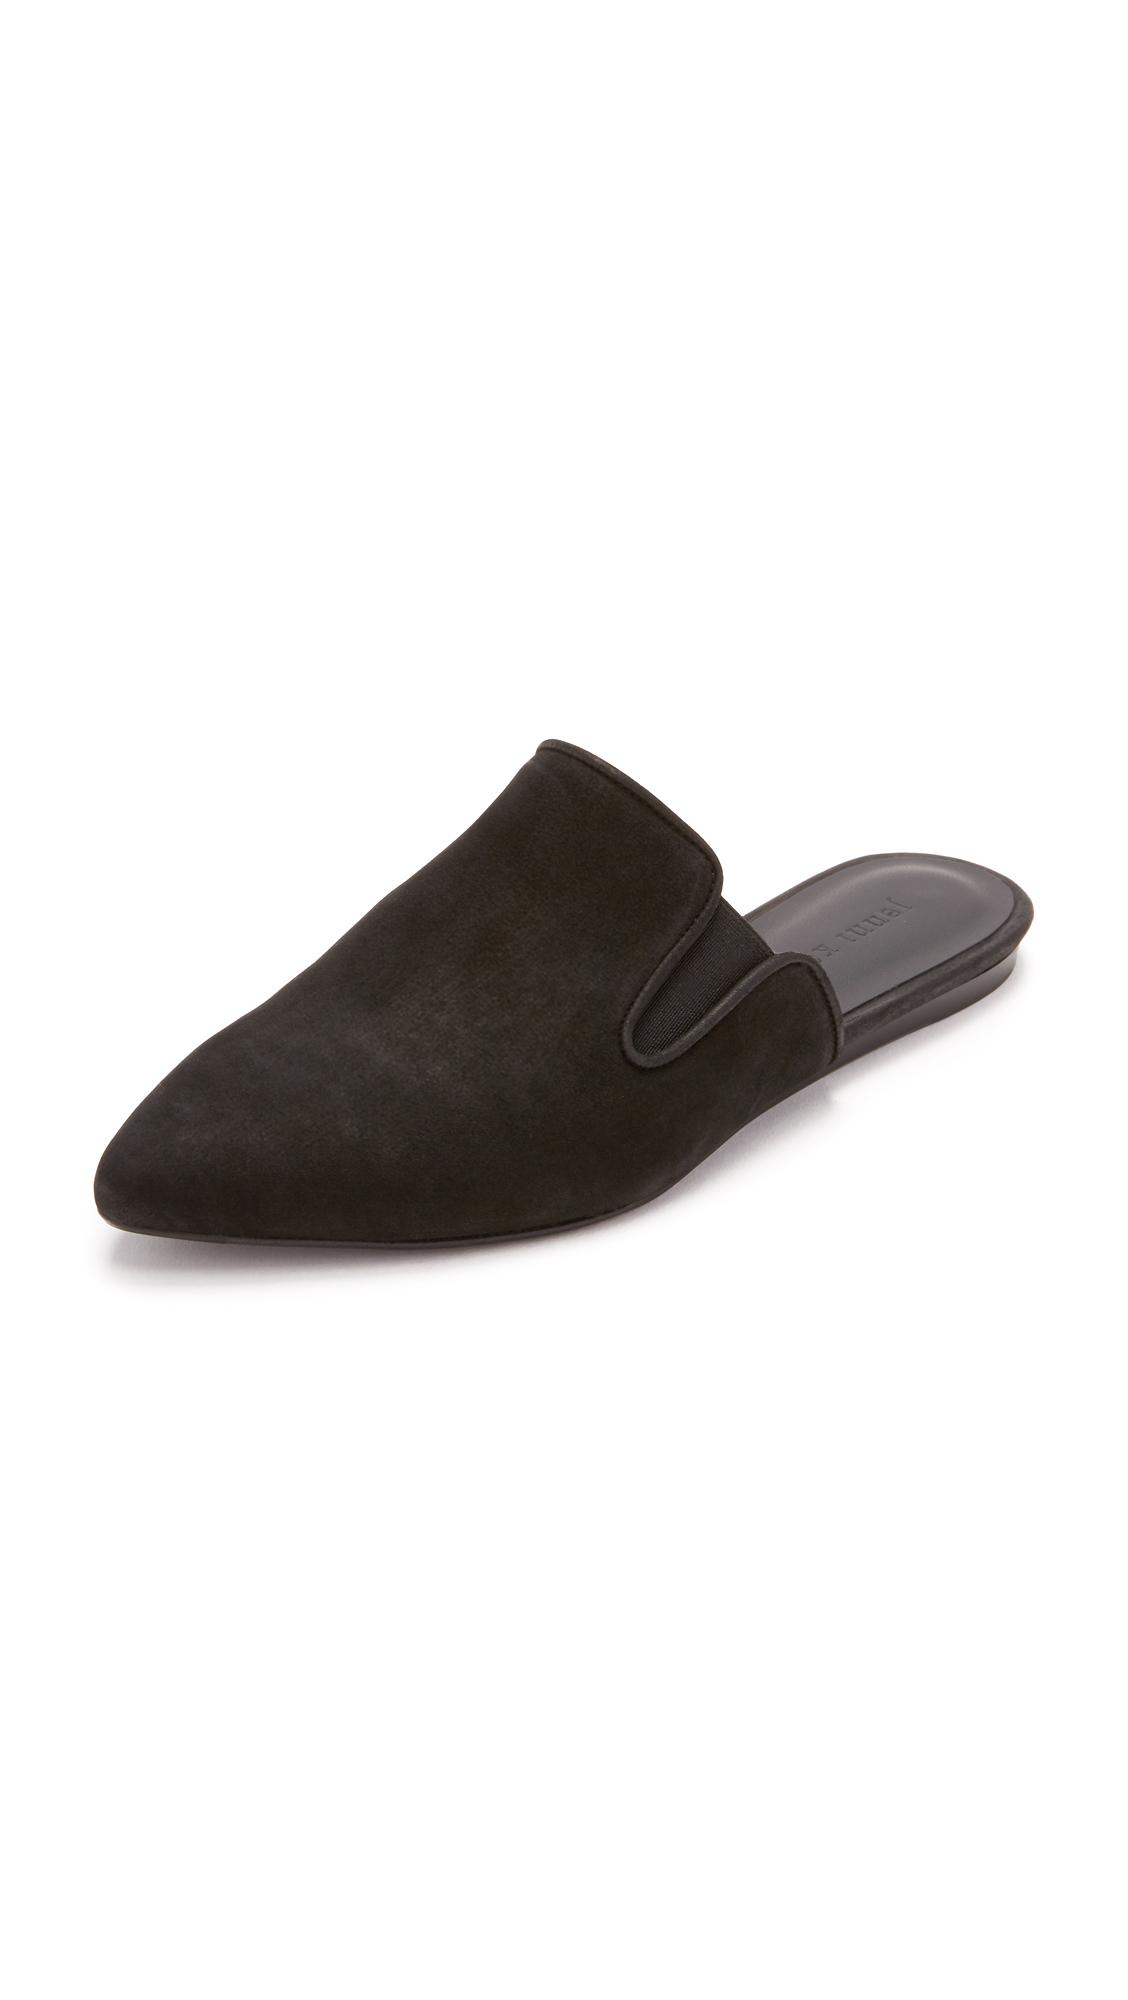 Jenni Kayne Oiled Leather Mule Slide - Black